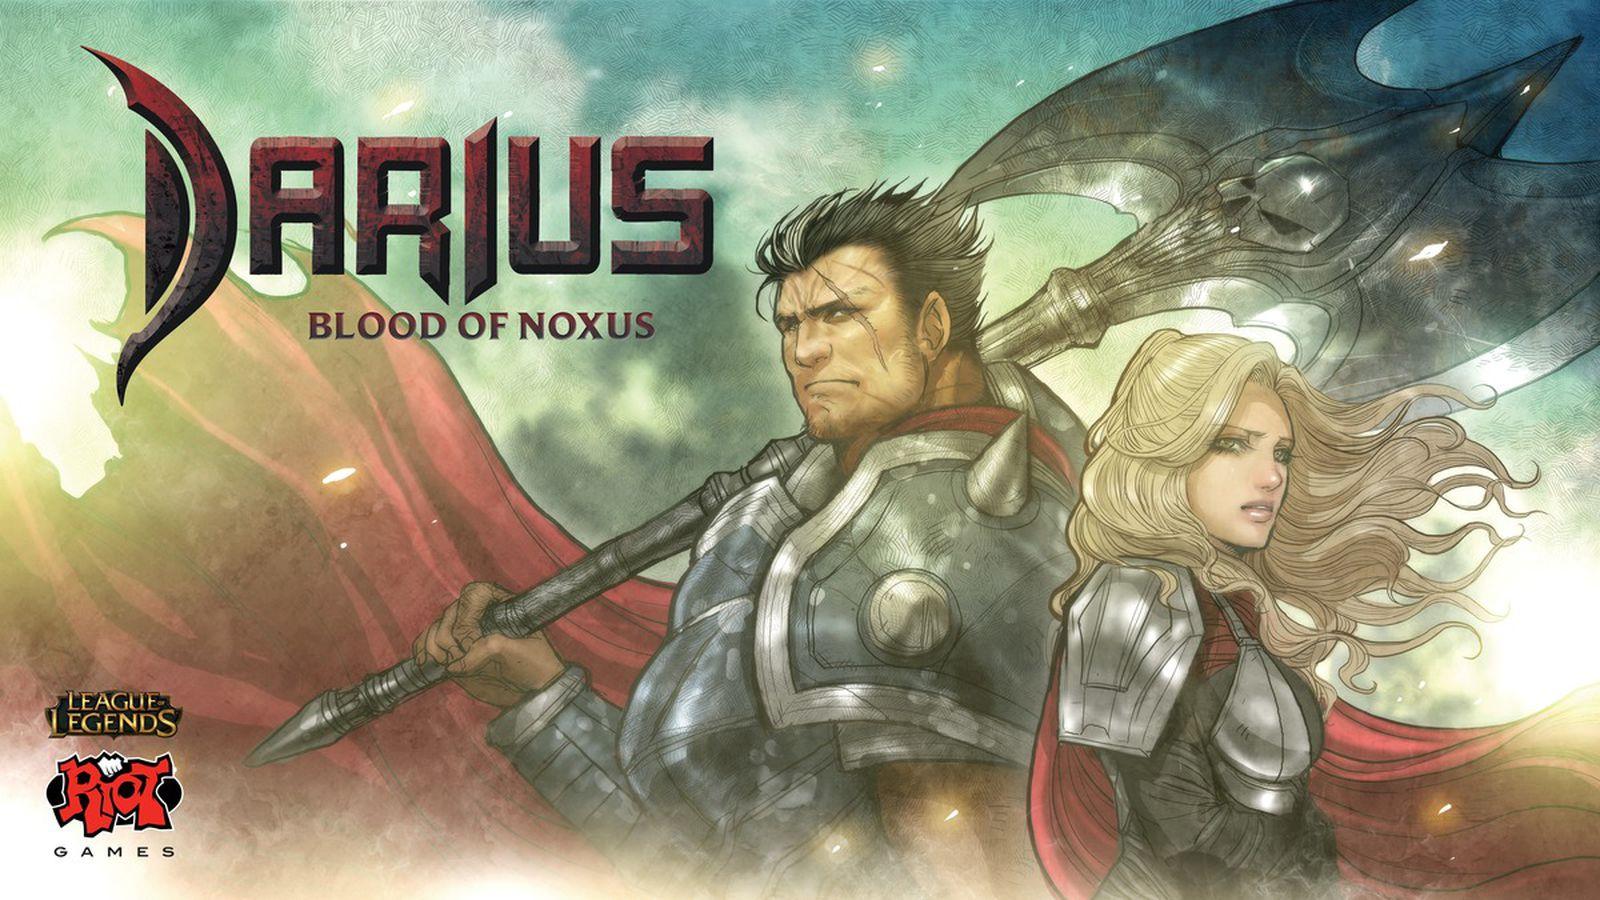 Darius' story revealed in Blood of Noxus comic